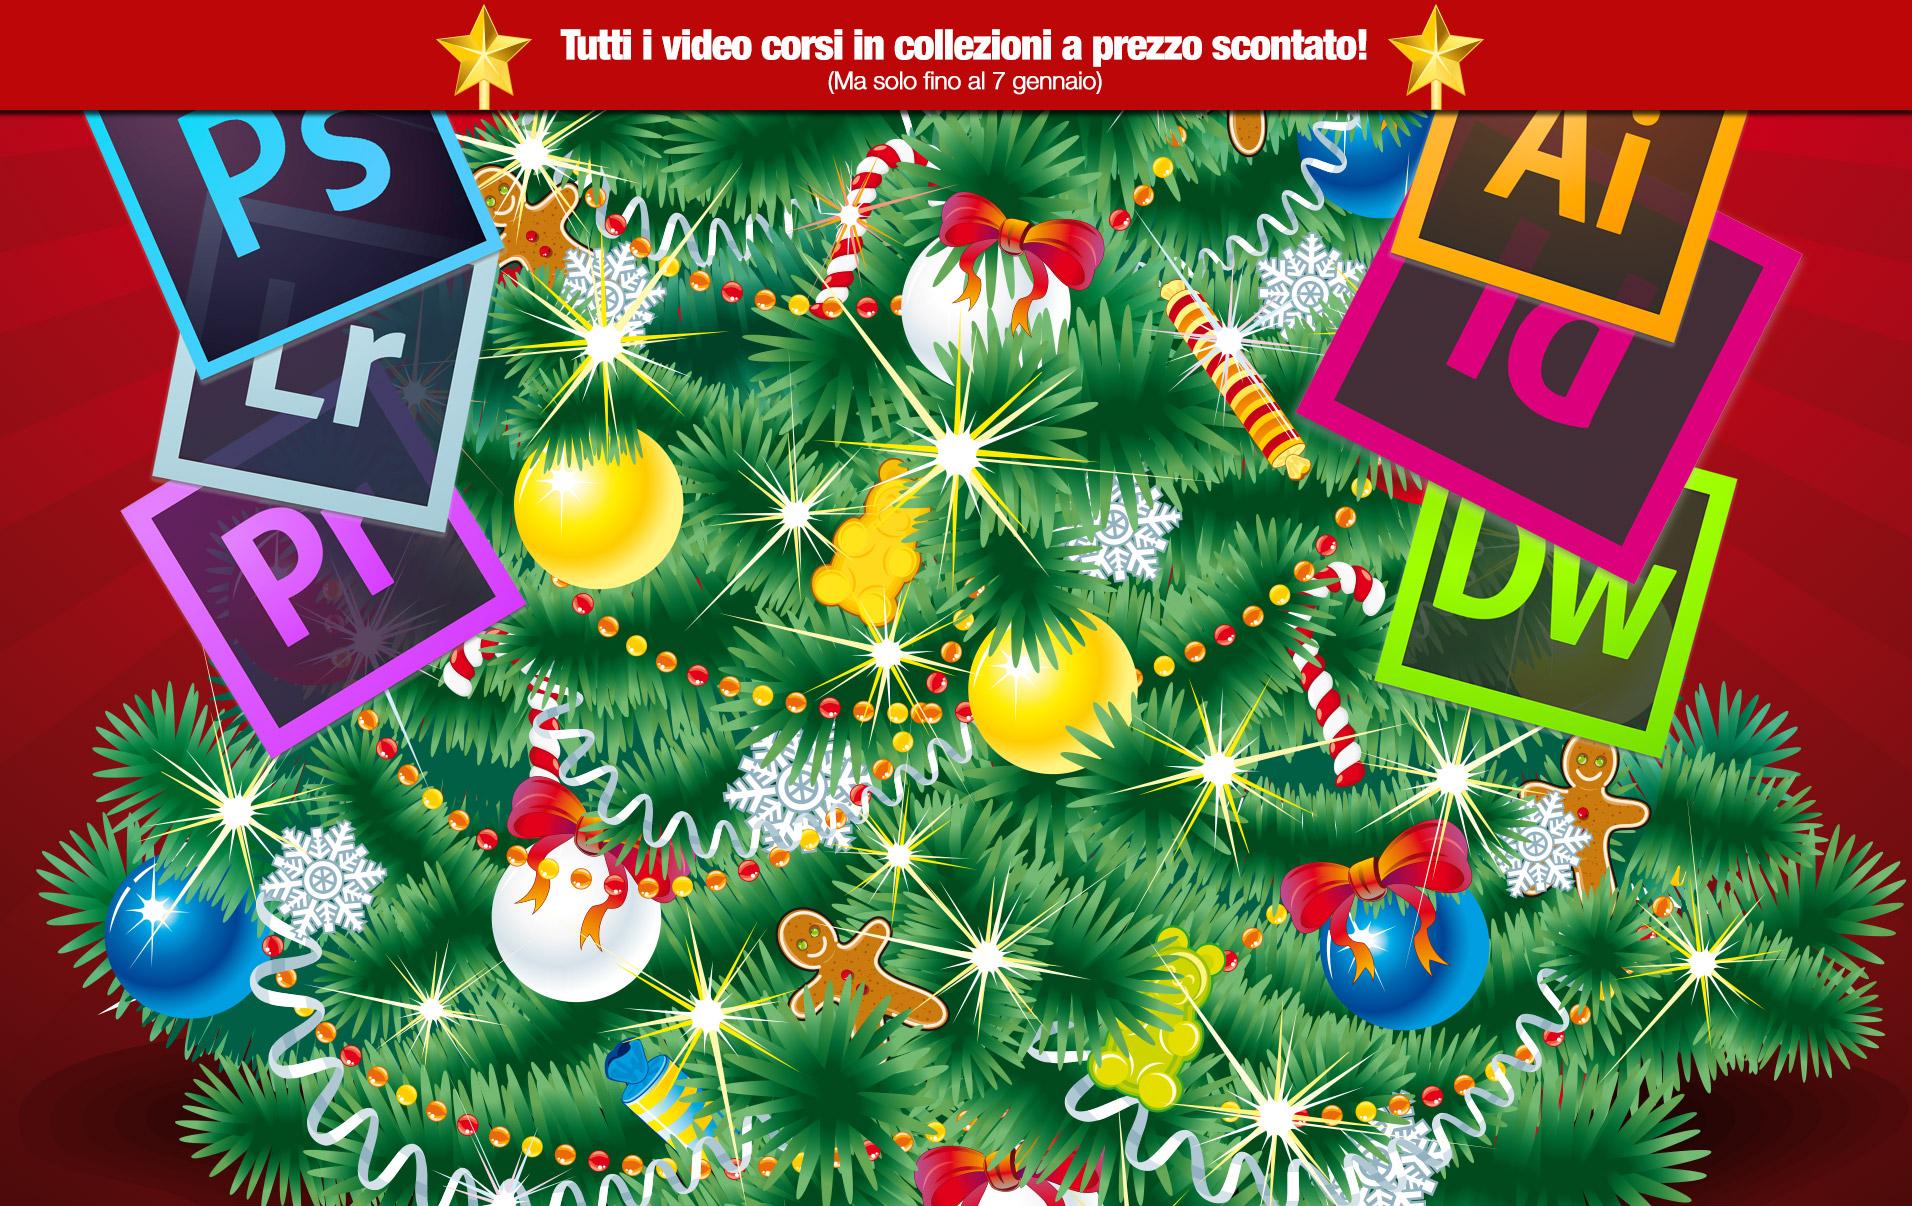 Sconti di Natale su tutte le collezioni